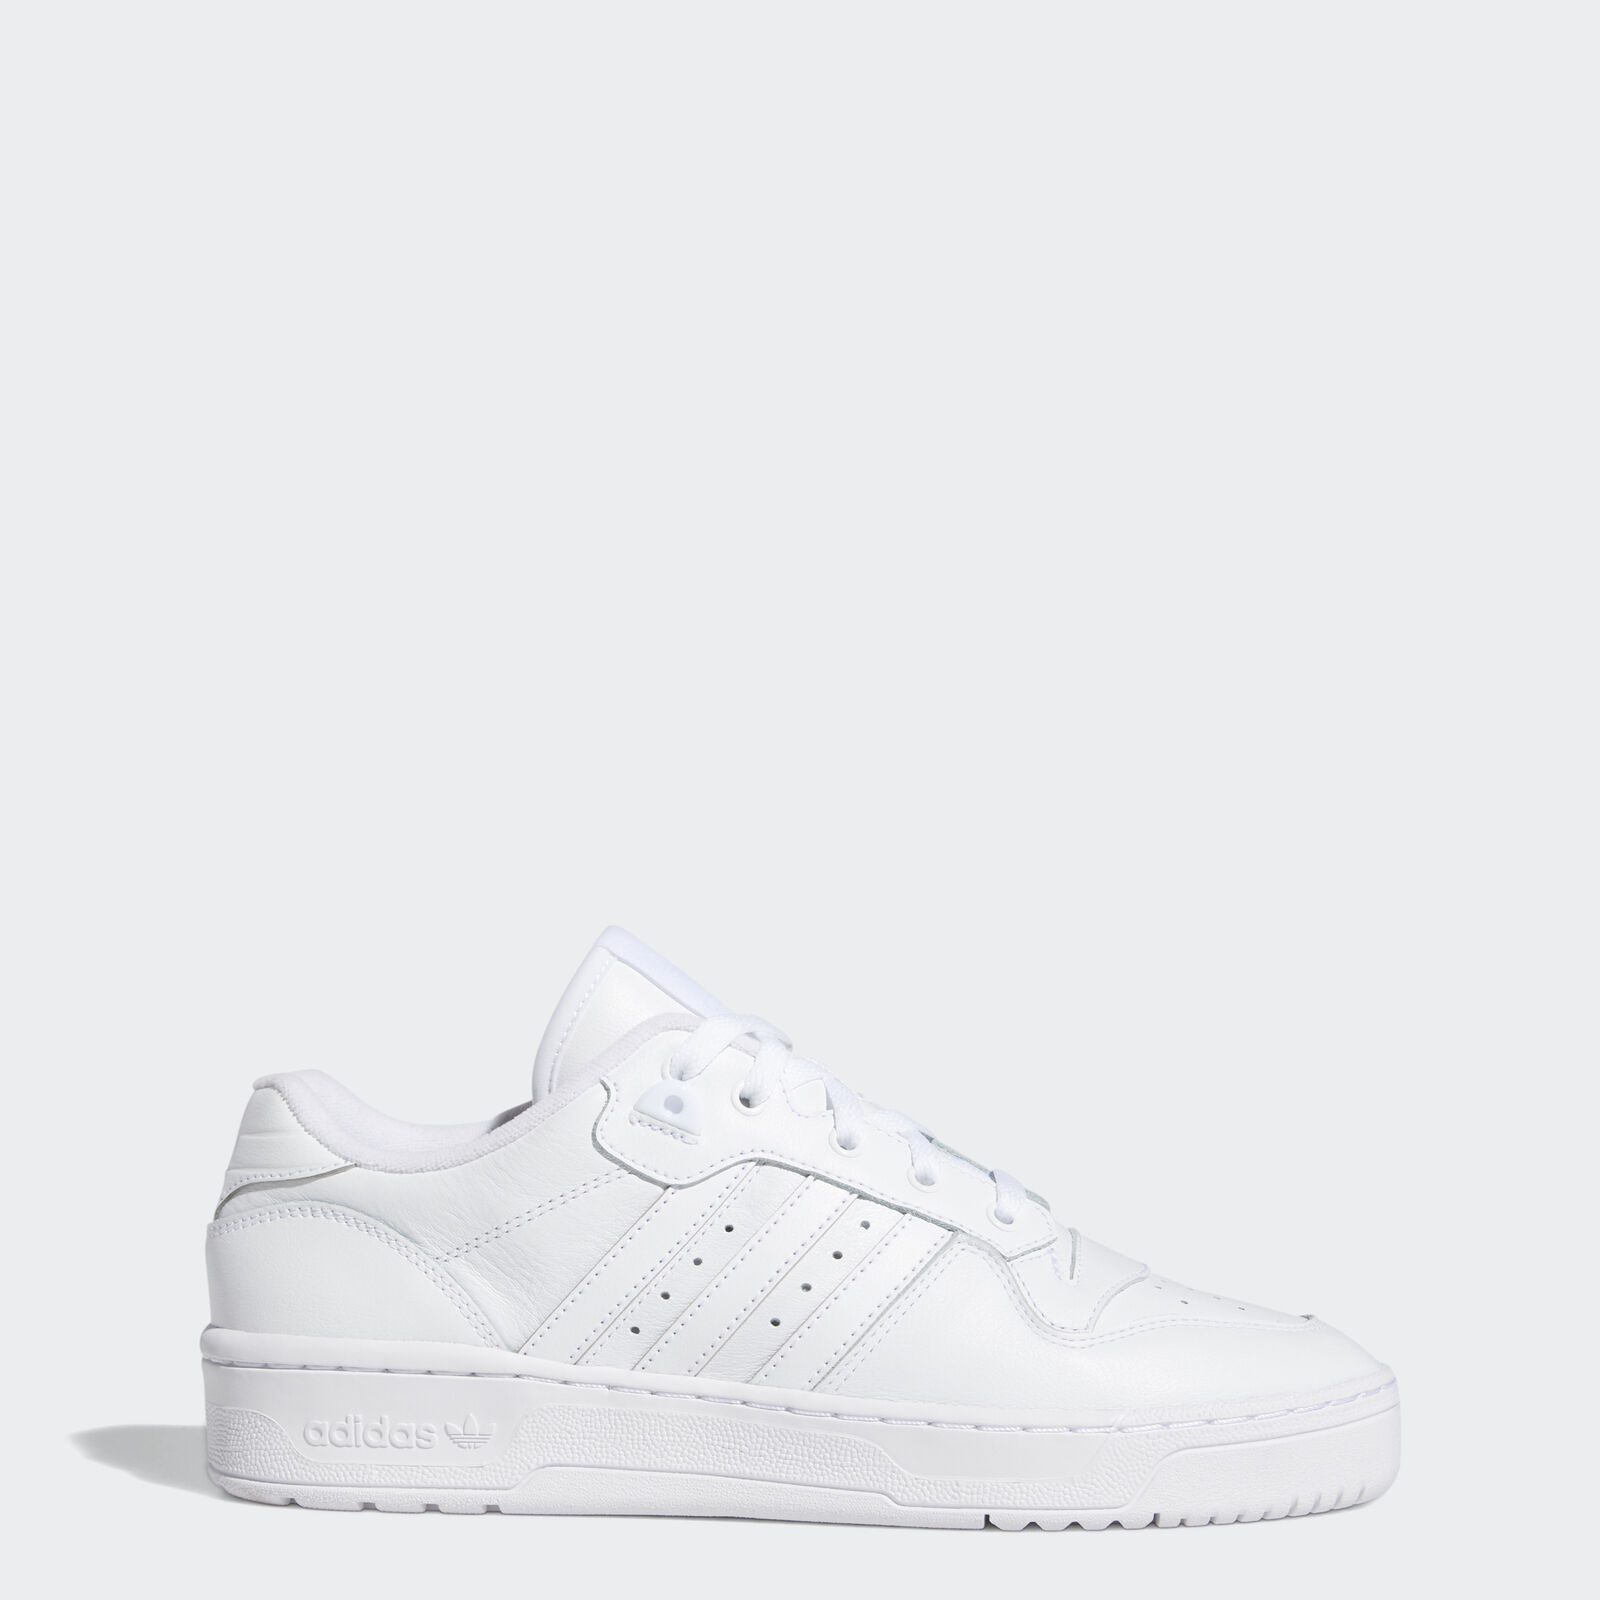 إلى الأمام مباشرة اتحادي يركض adidas originals honey 2.0 white trainers low